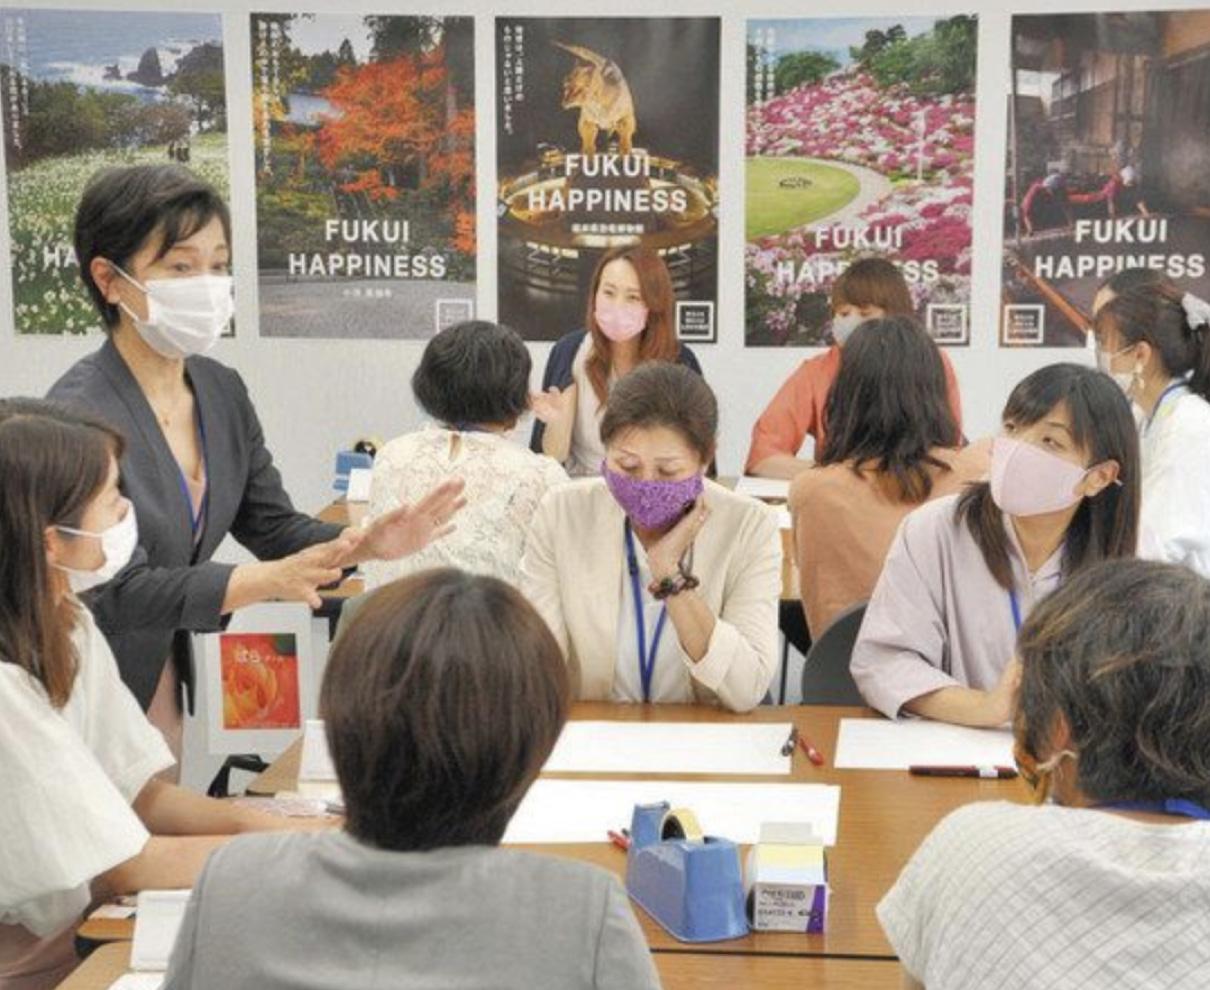 若者向け「映える」観光 県、県観光連盟 女性目線でコース開発着手